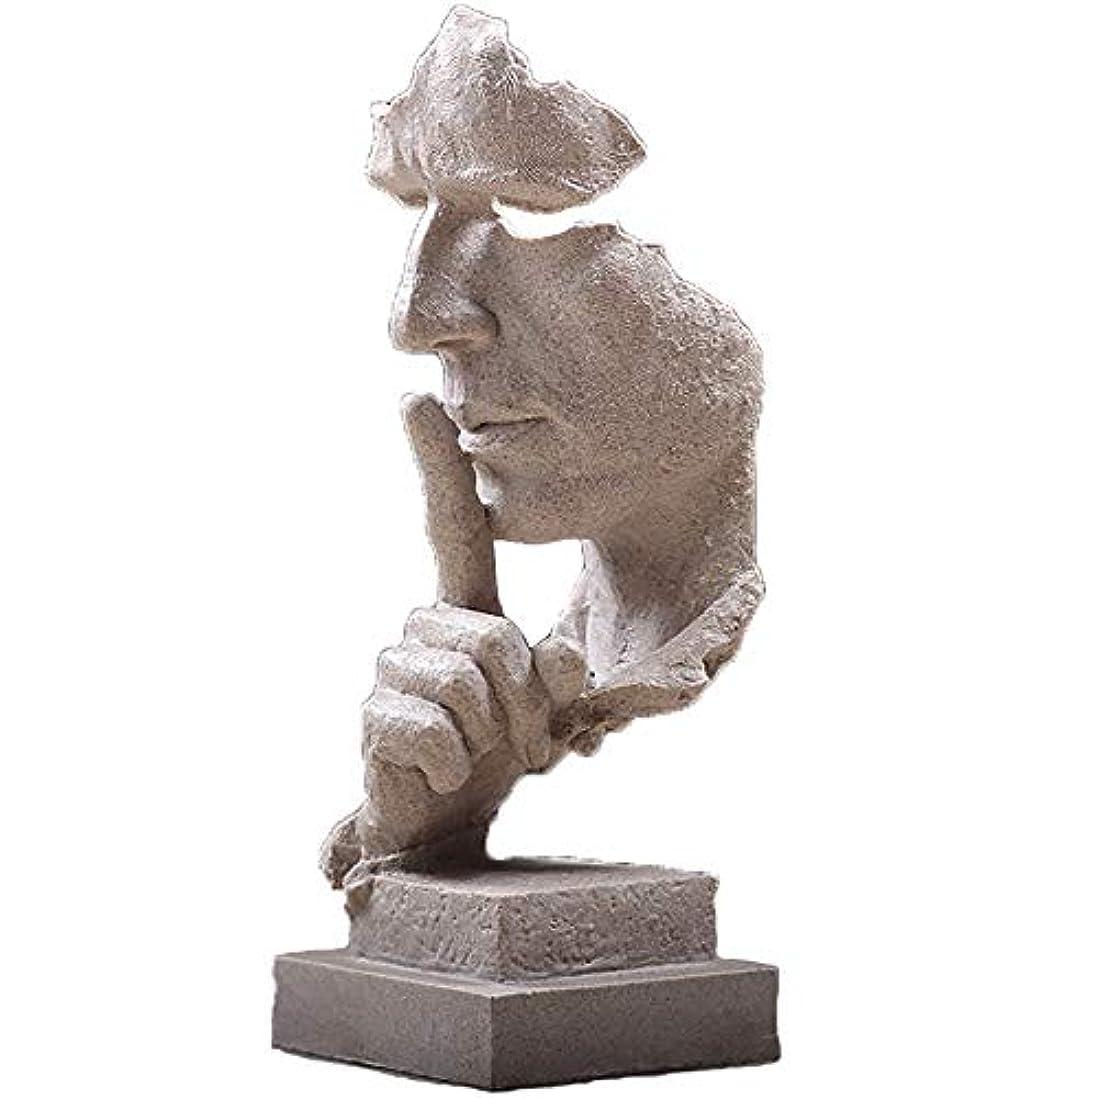 金銭的な不純重要樹脂抽象彫刻沈黙はゴールデン男性像キャラクター工芸品装飾用オフィスリビングルームアートワーク,White